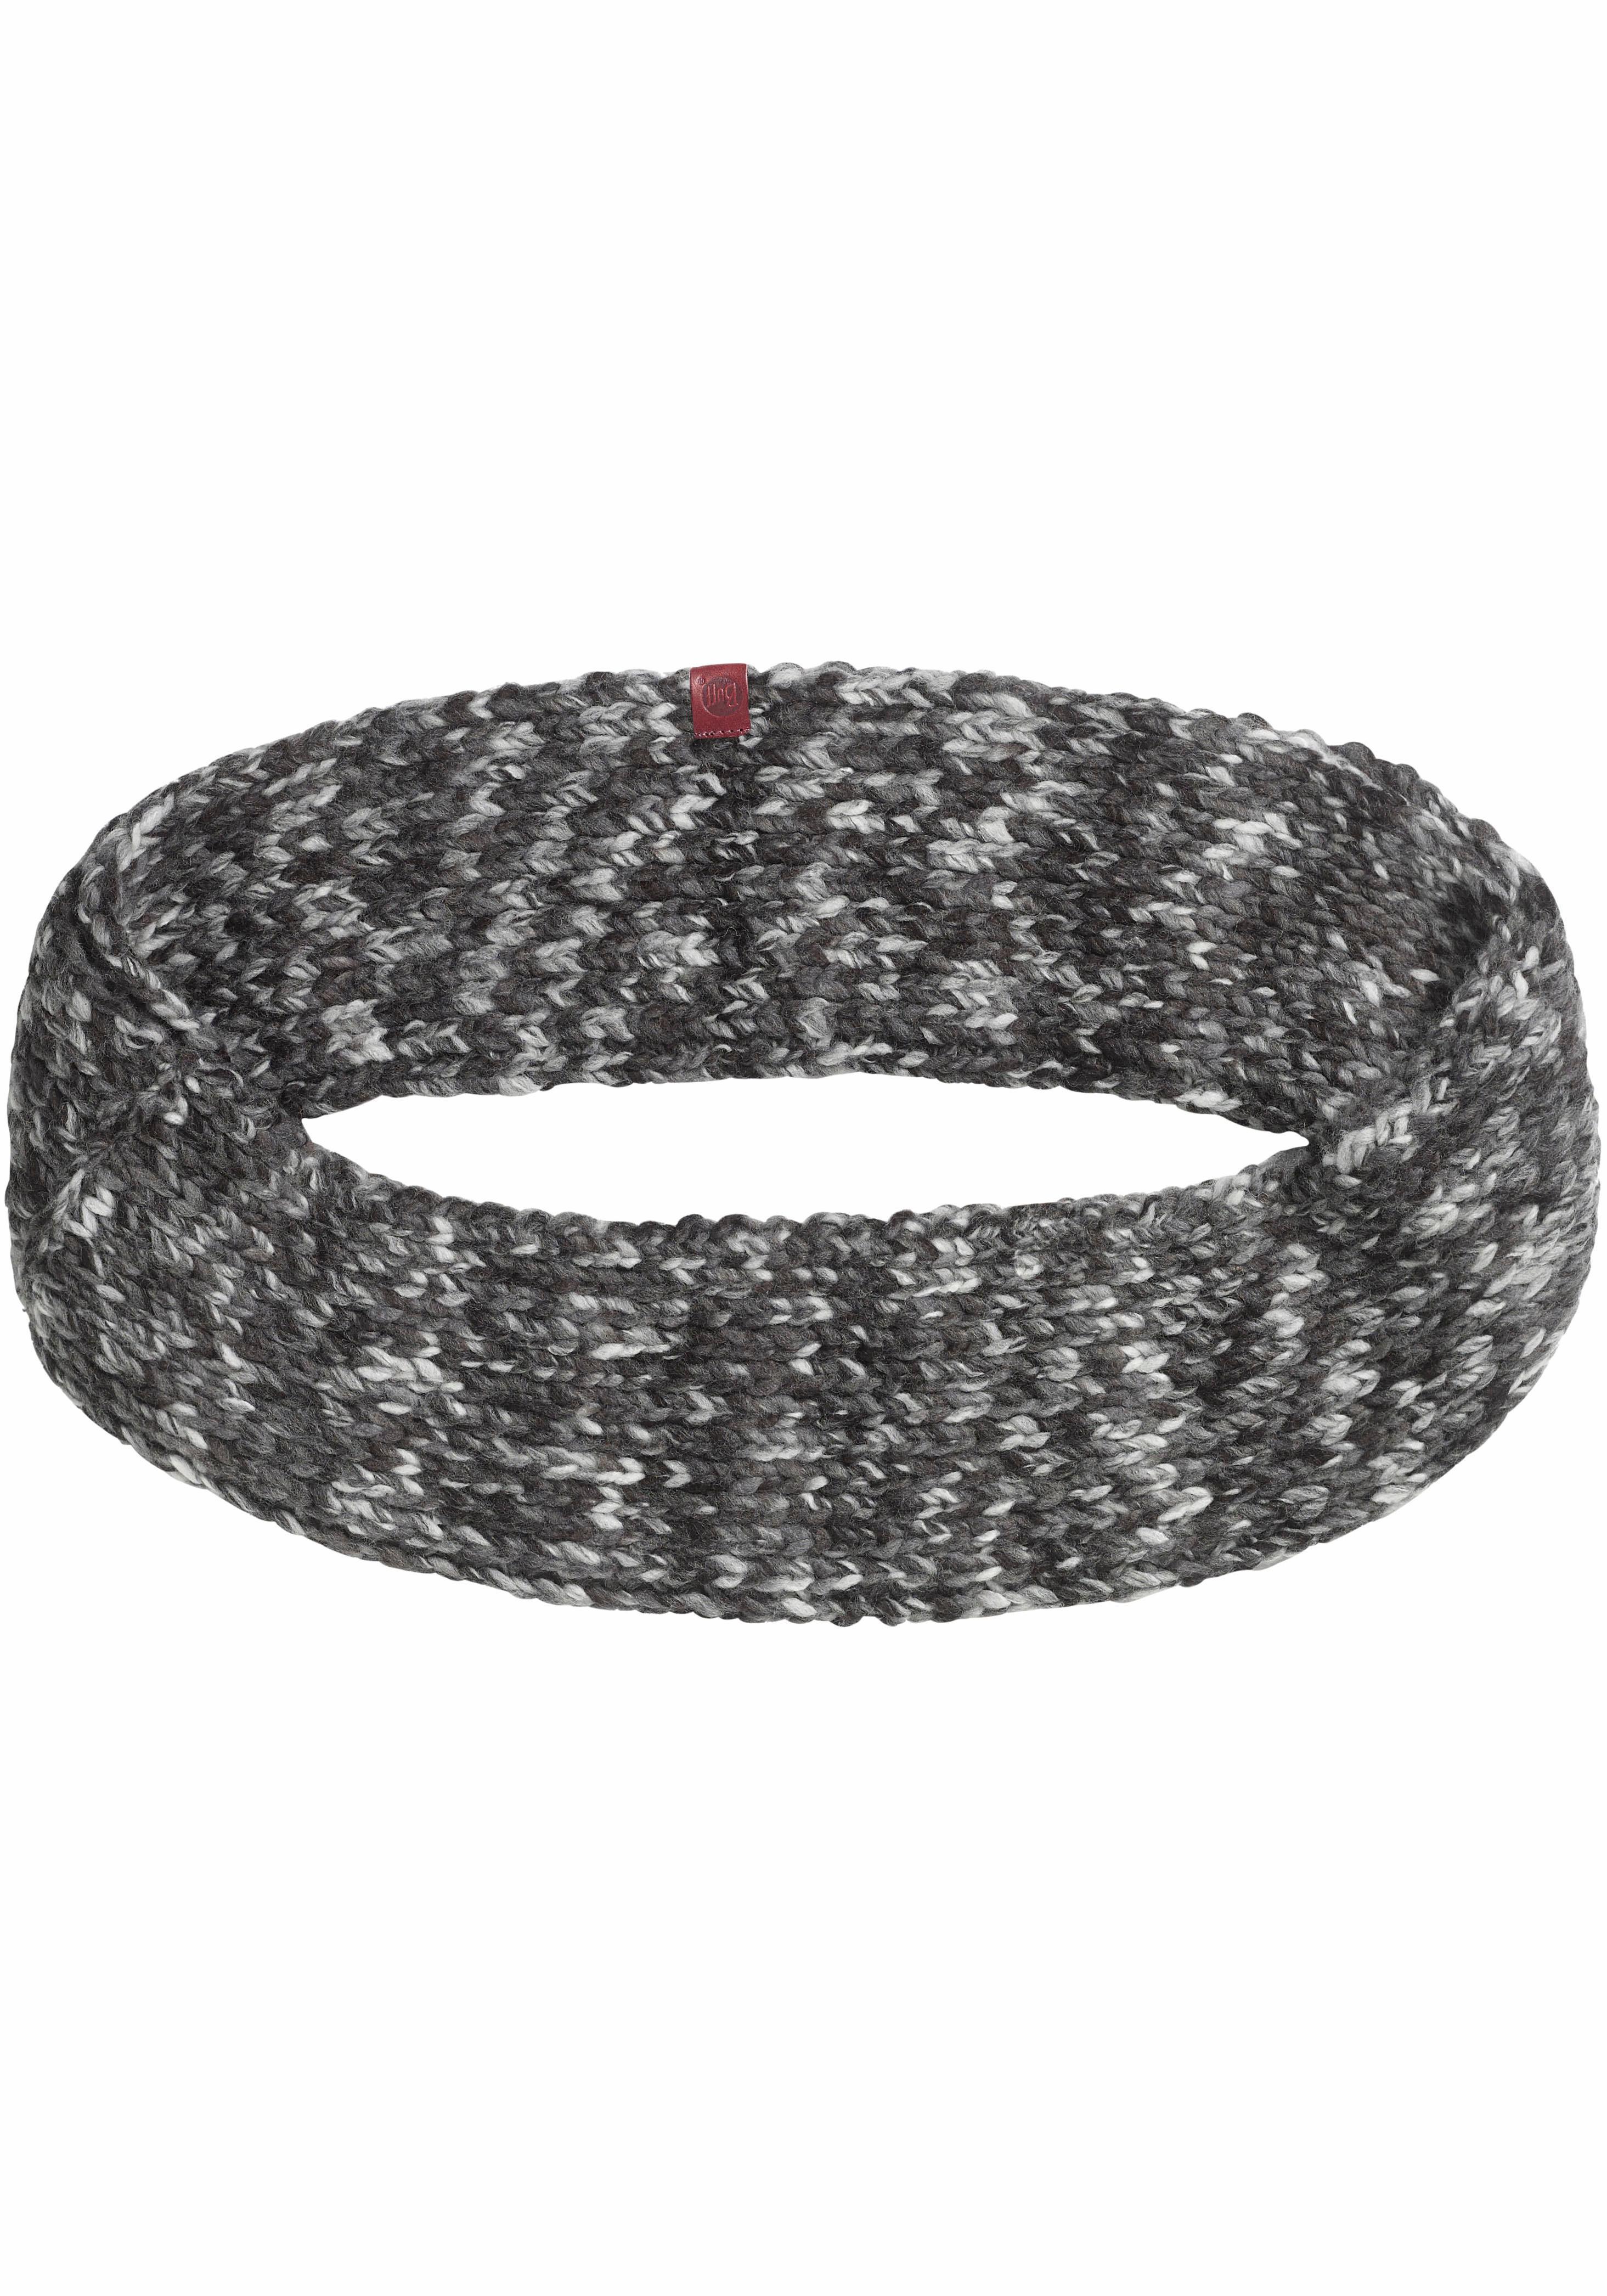 Buff Loop »Knitted Infinity Buff®« | Accessoires > Schals & Tücher > Loops | Buff